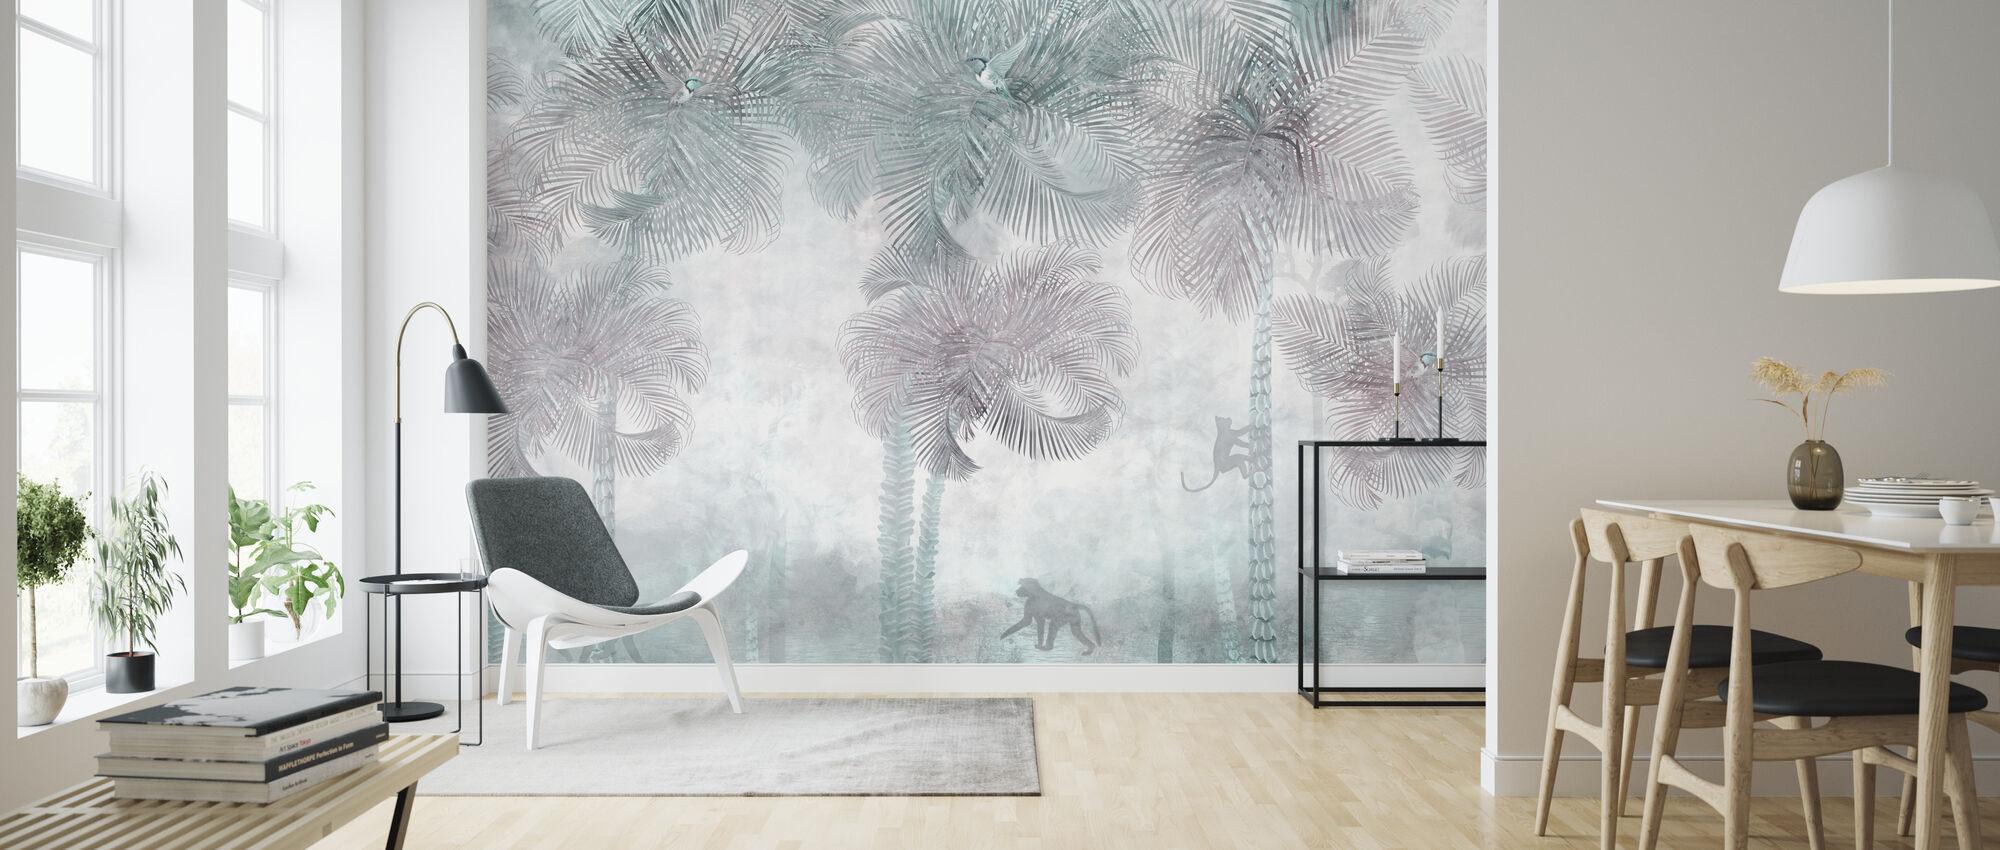 Monkeys Residence - Wallpaper - Living Room